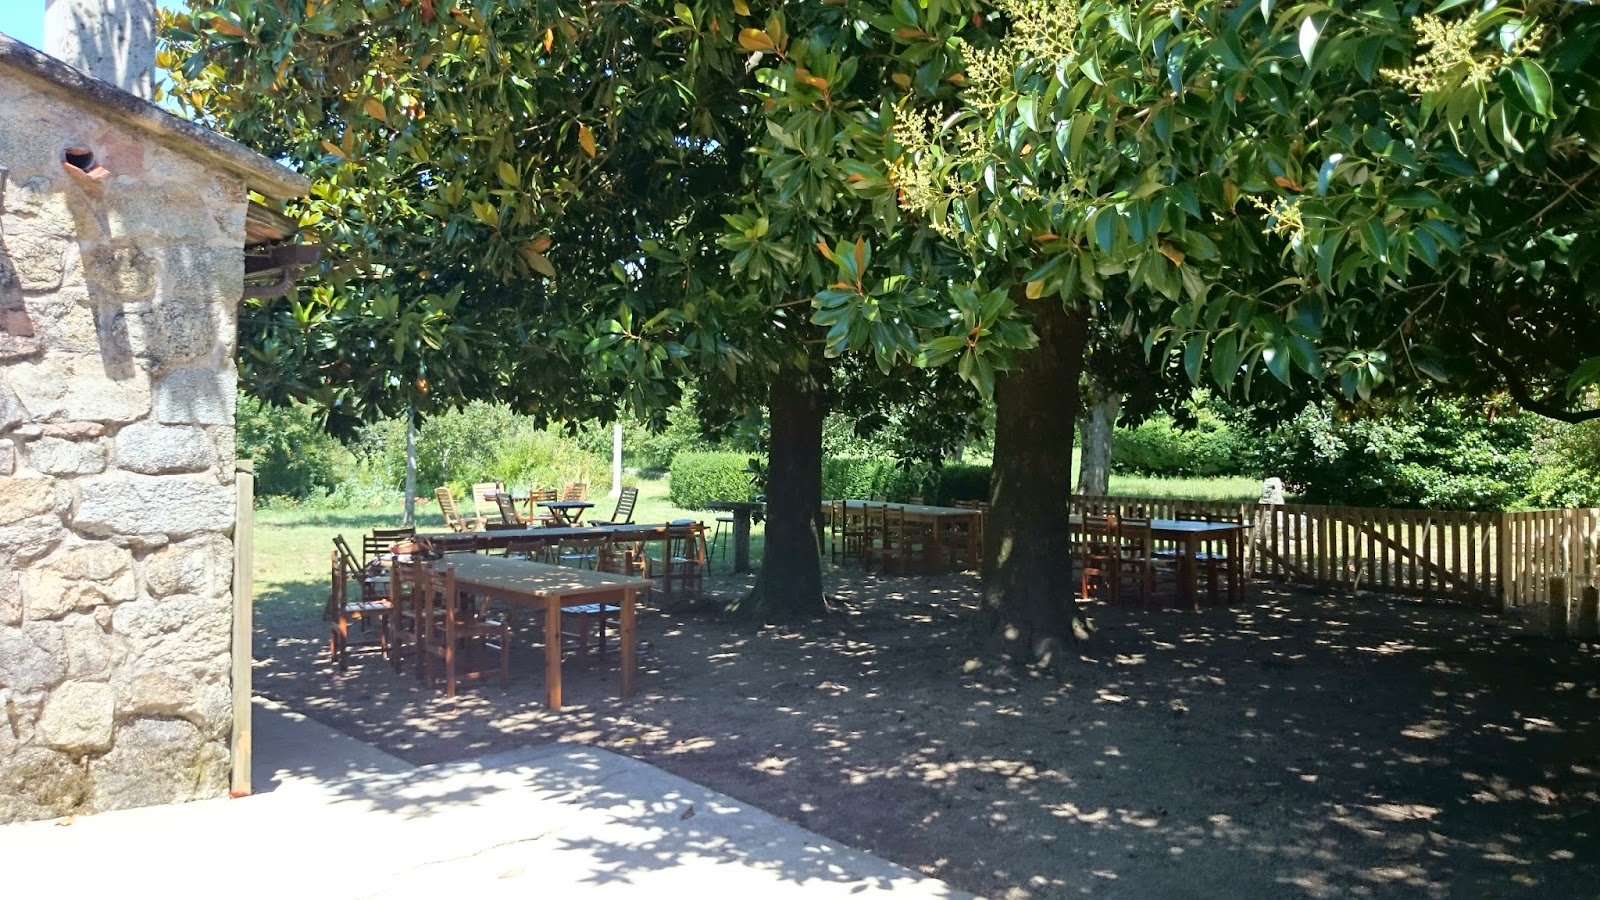 Vinos viandas viajes y dem s placeres la terraza del for El jardin prohibido restaurante